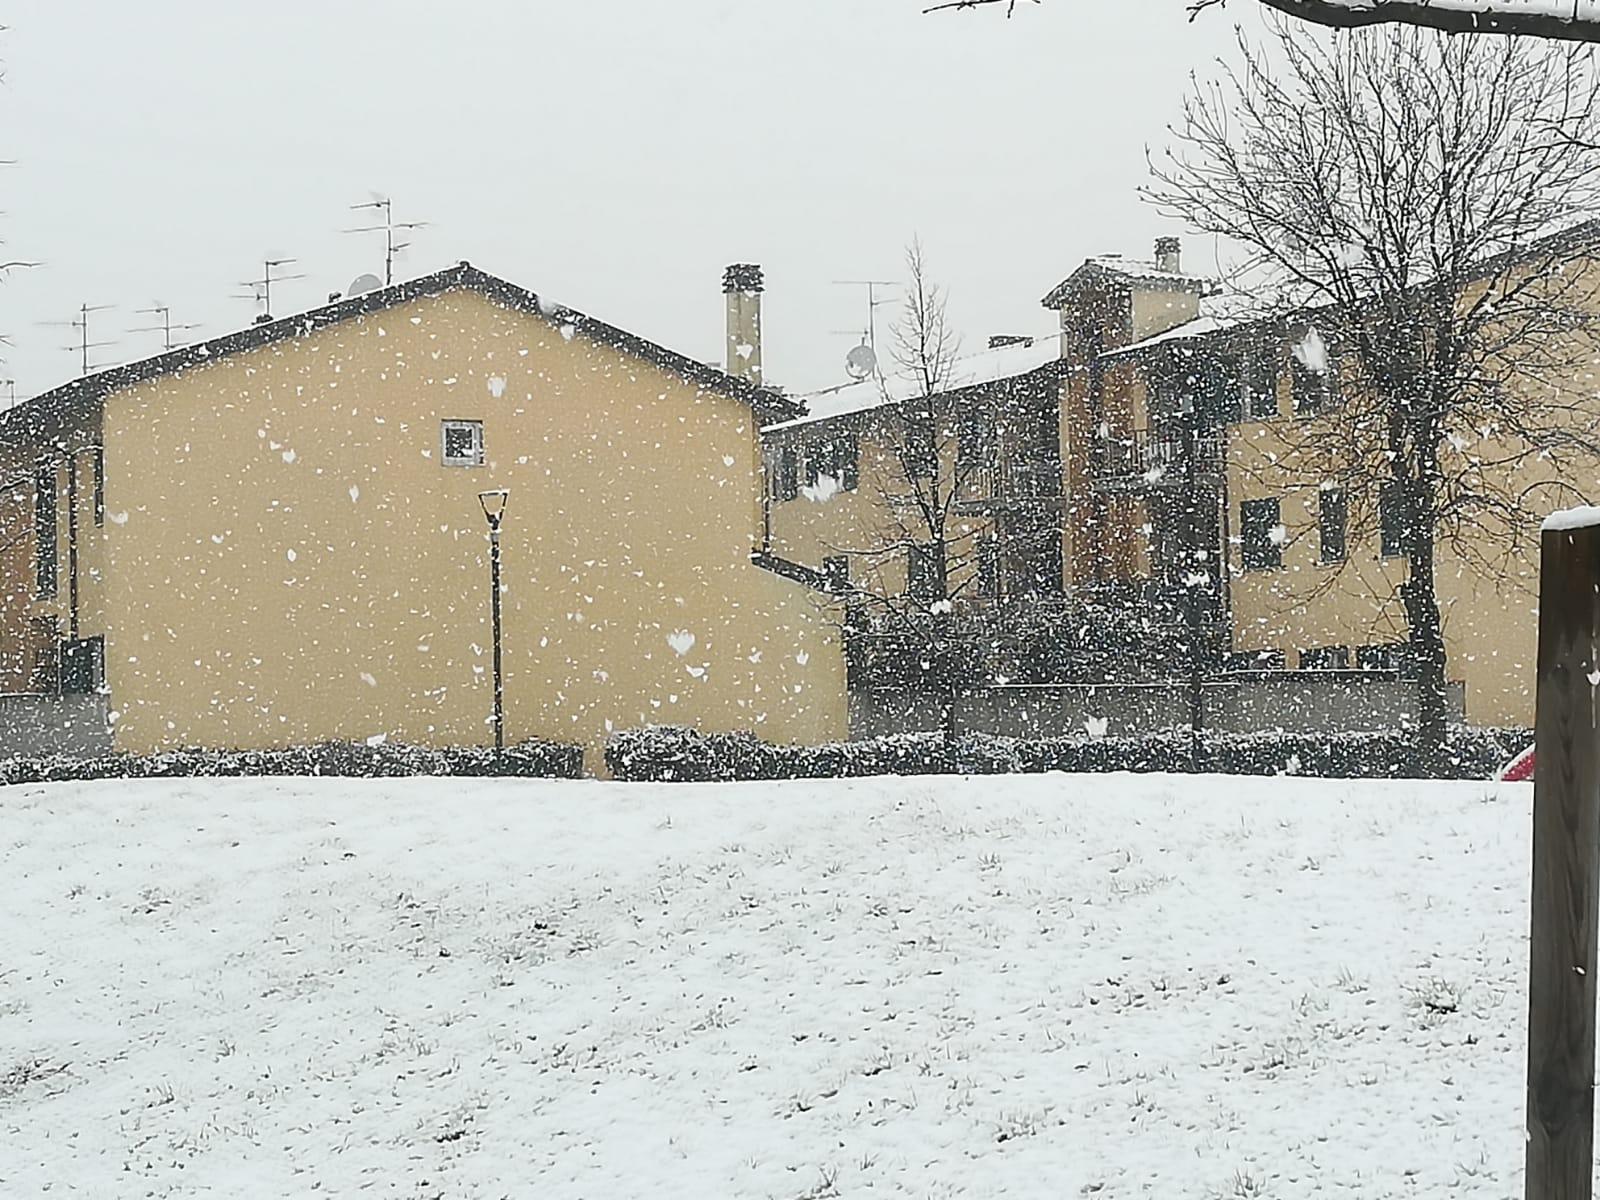 Toscana 1,2,3,4 febbraio 2019-804f22ca-e347-4ff9-a46d-213e5f247e4d.jpeg